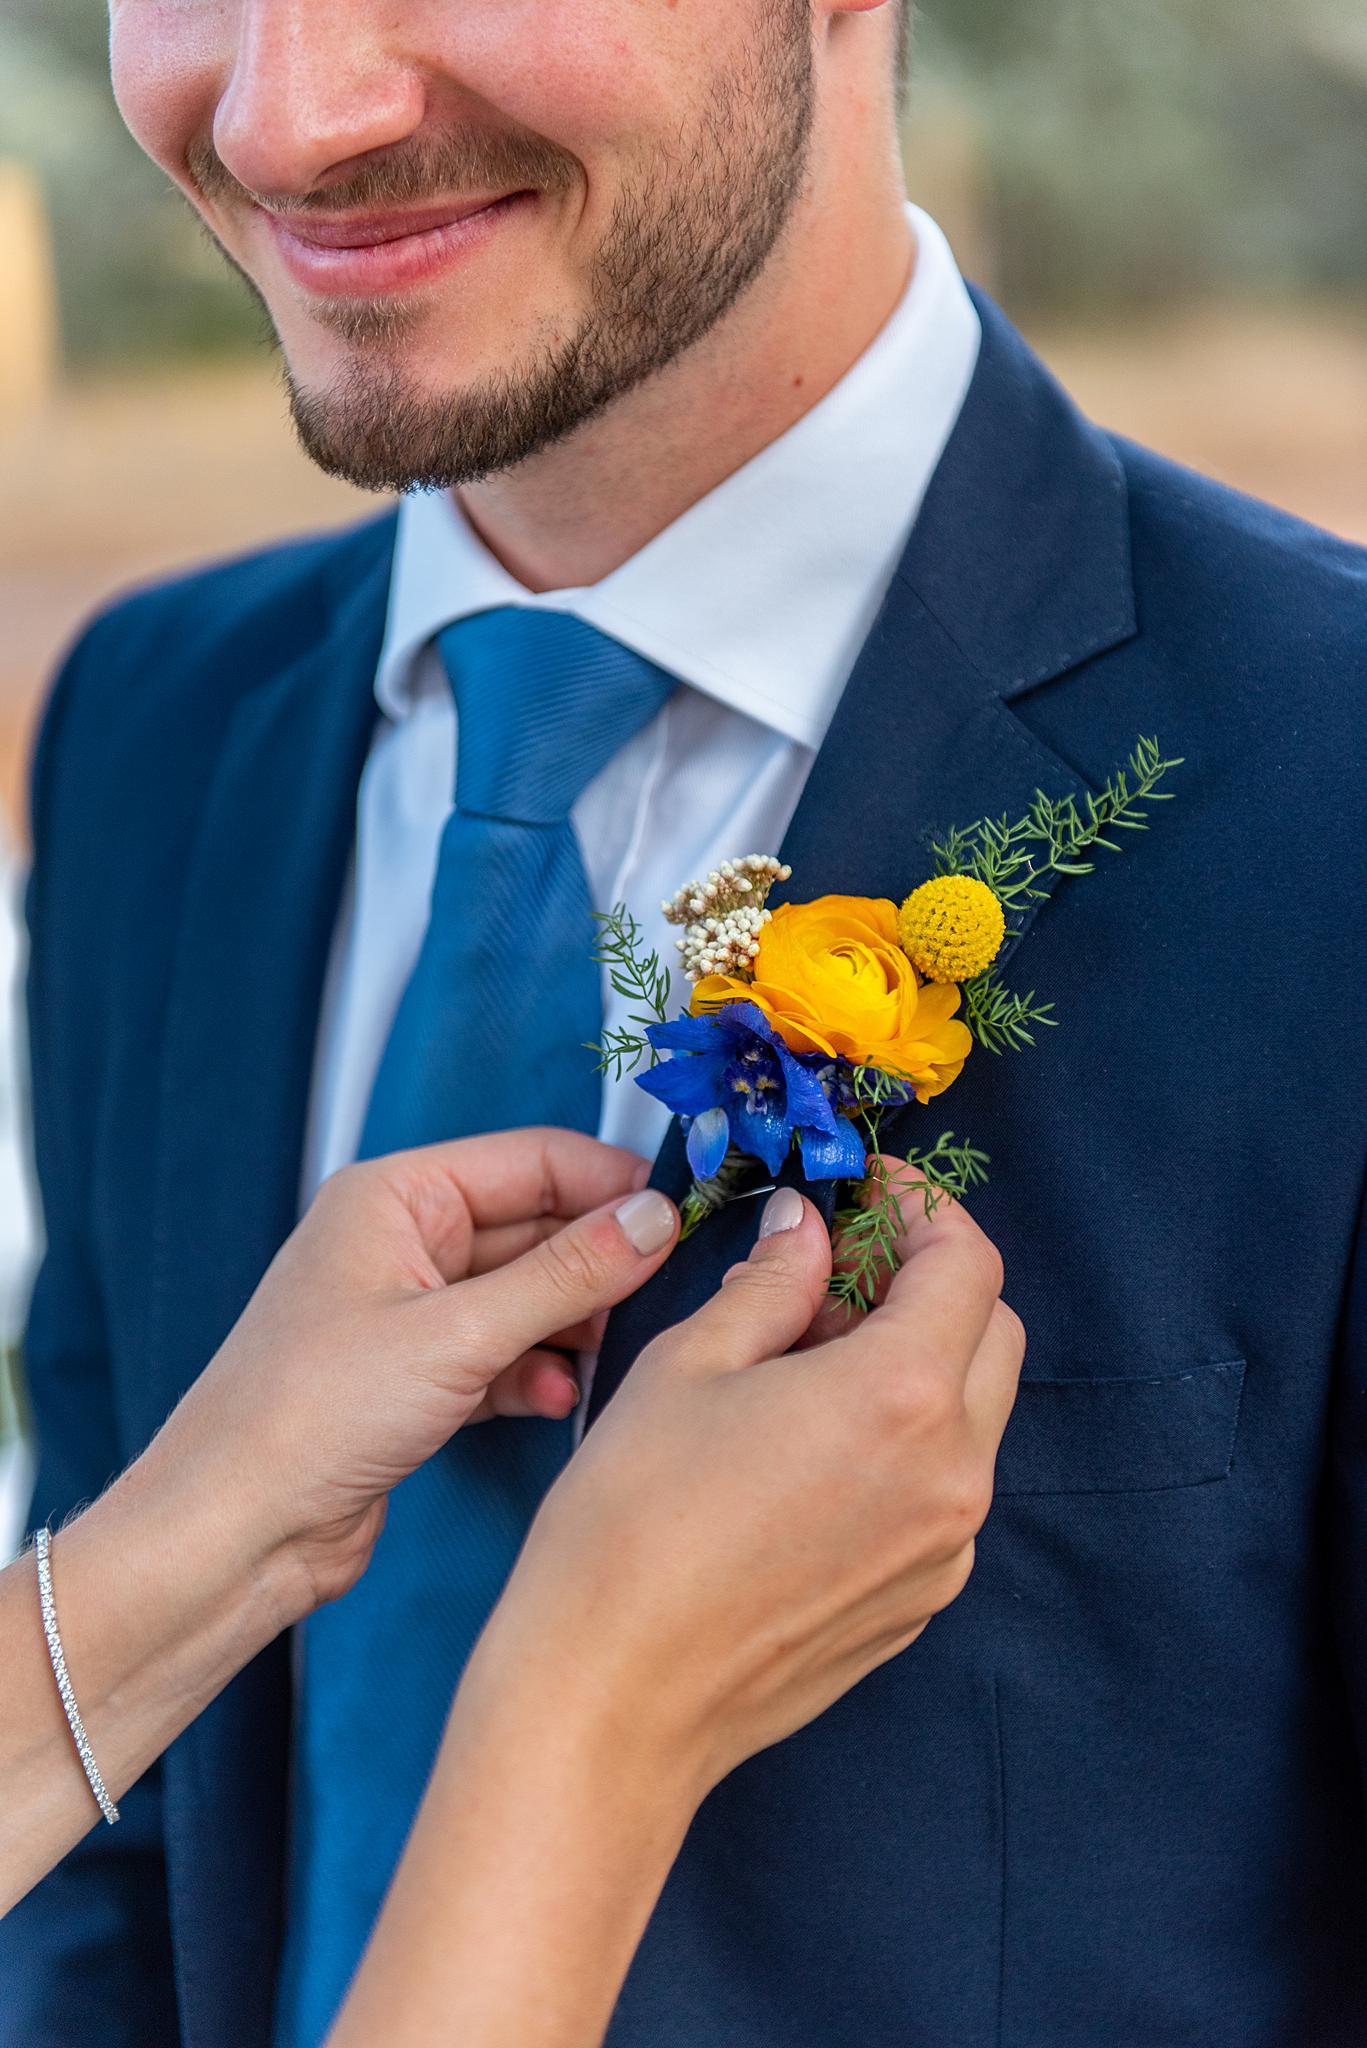 zion national park wedding planner in southern utah st george weddings